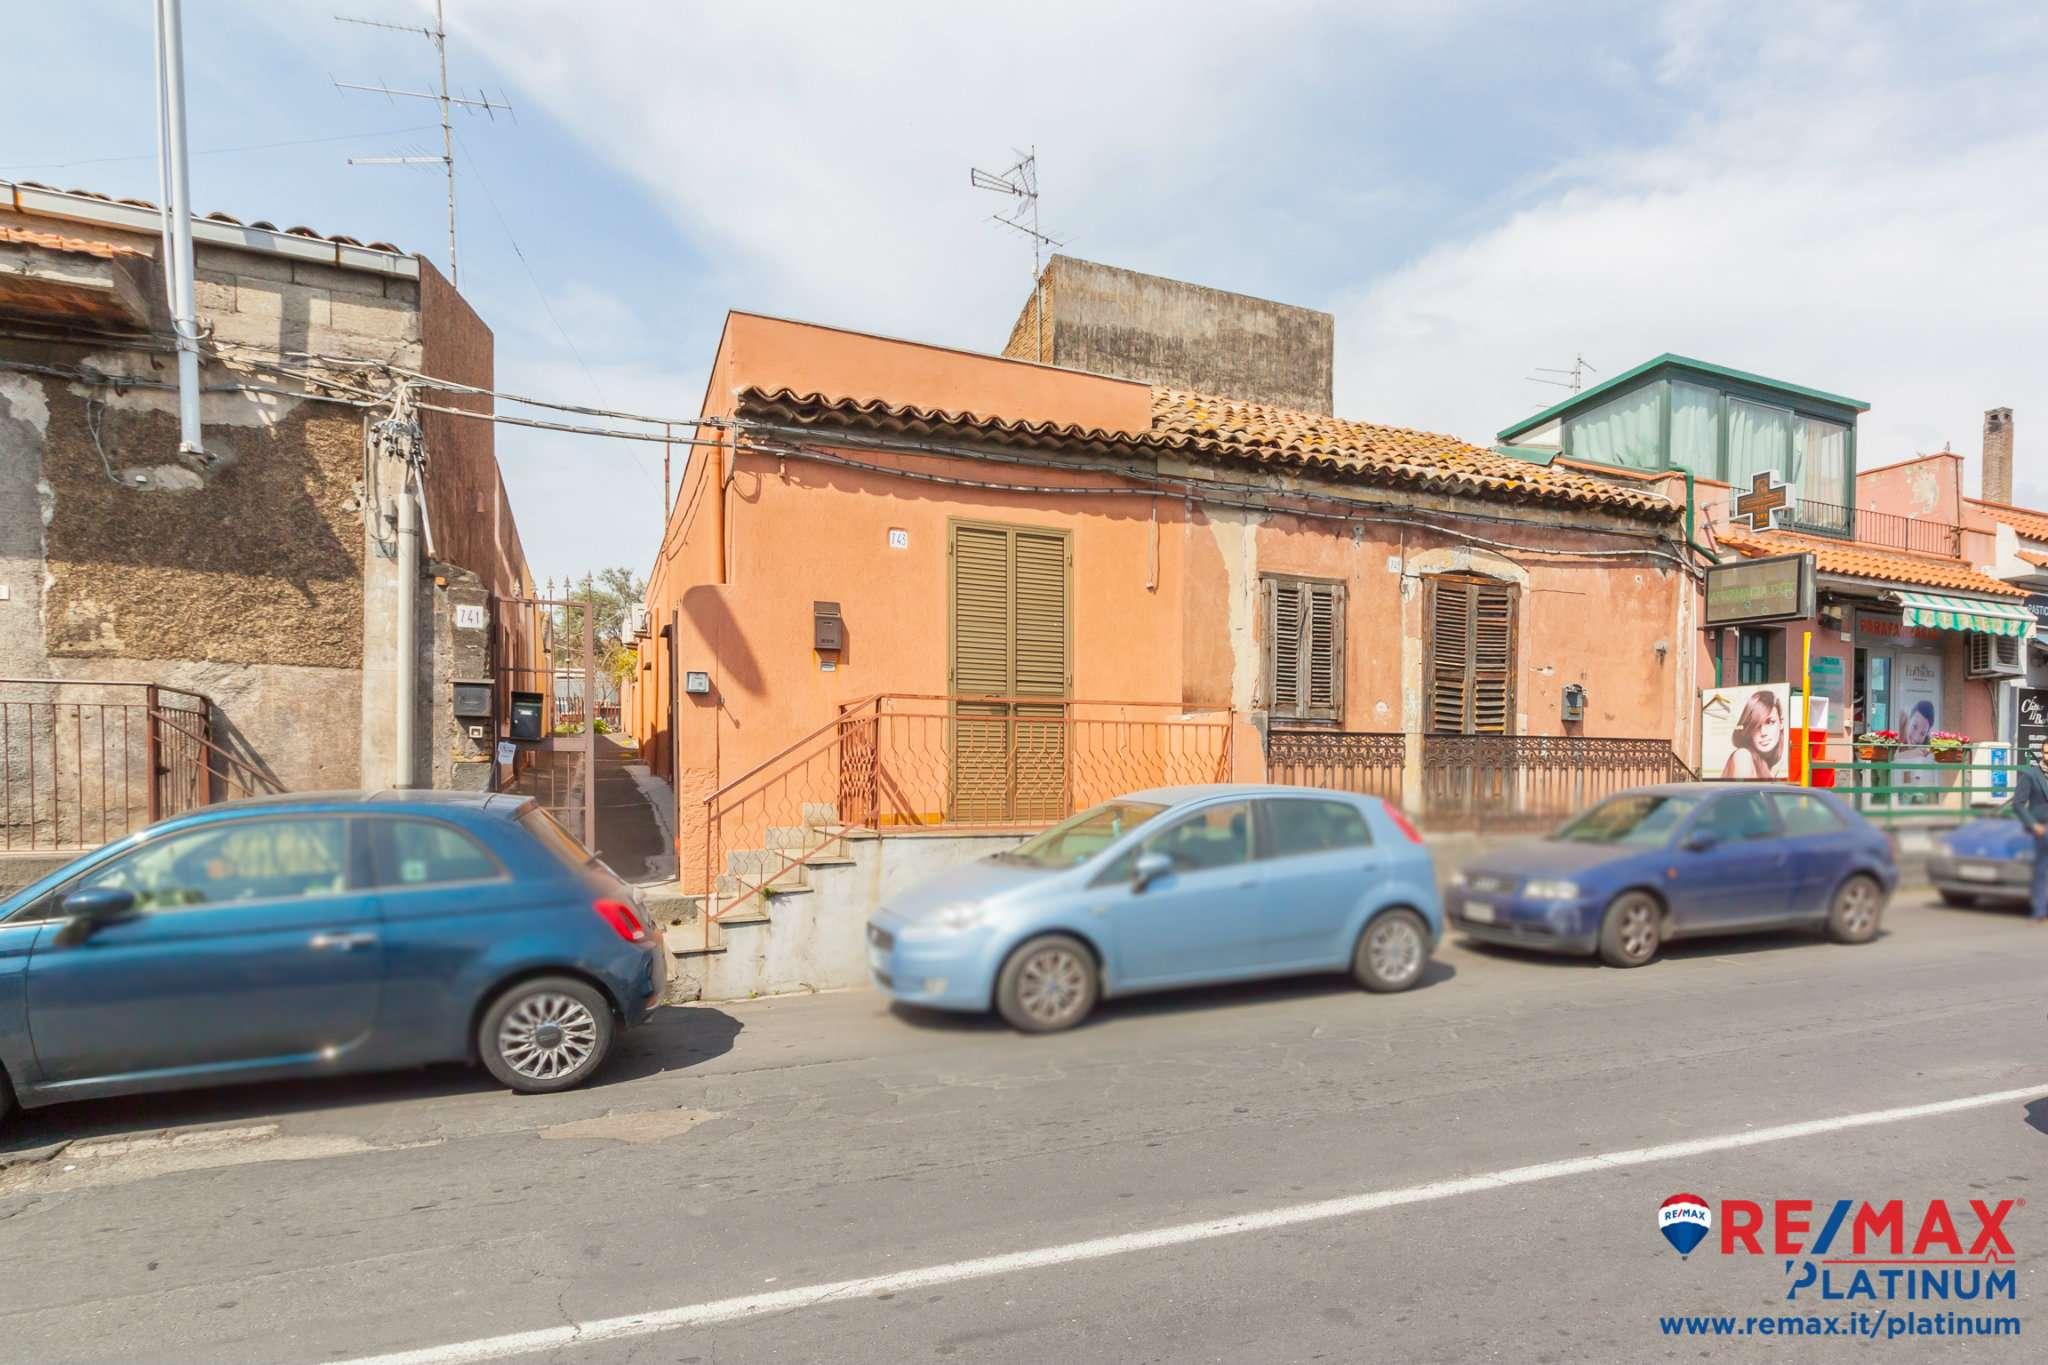 Soluzione Indipendente in vendita a Catania, 3 locali, prezzo € 155.000 | CambioCasa.it